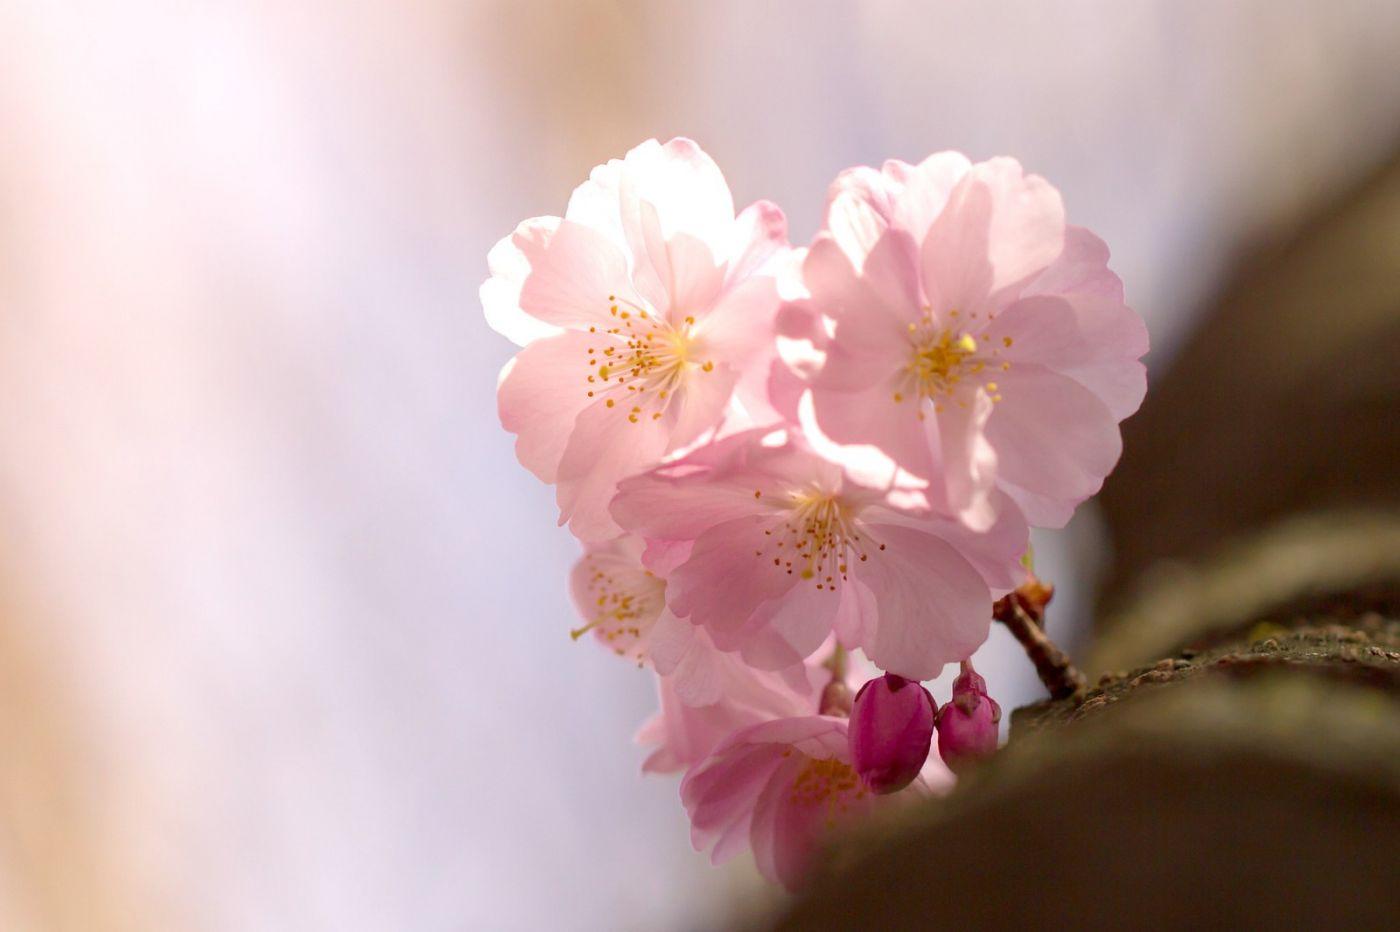 粉红的水嫩的,好看极了_图1-12